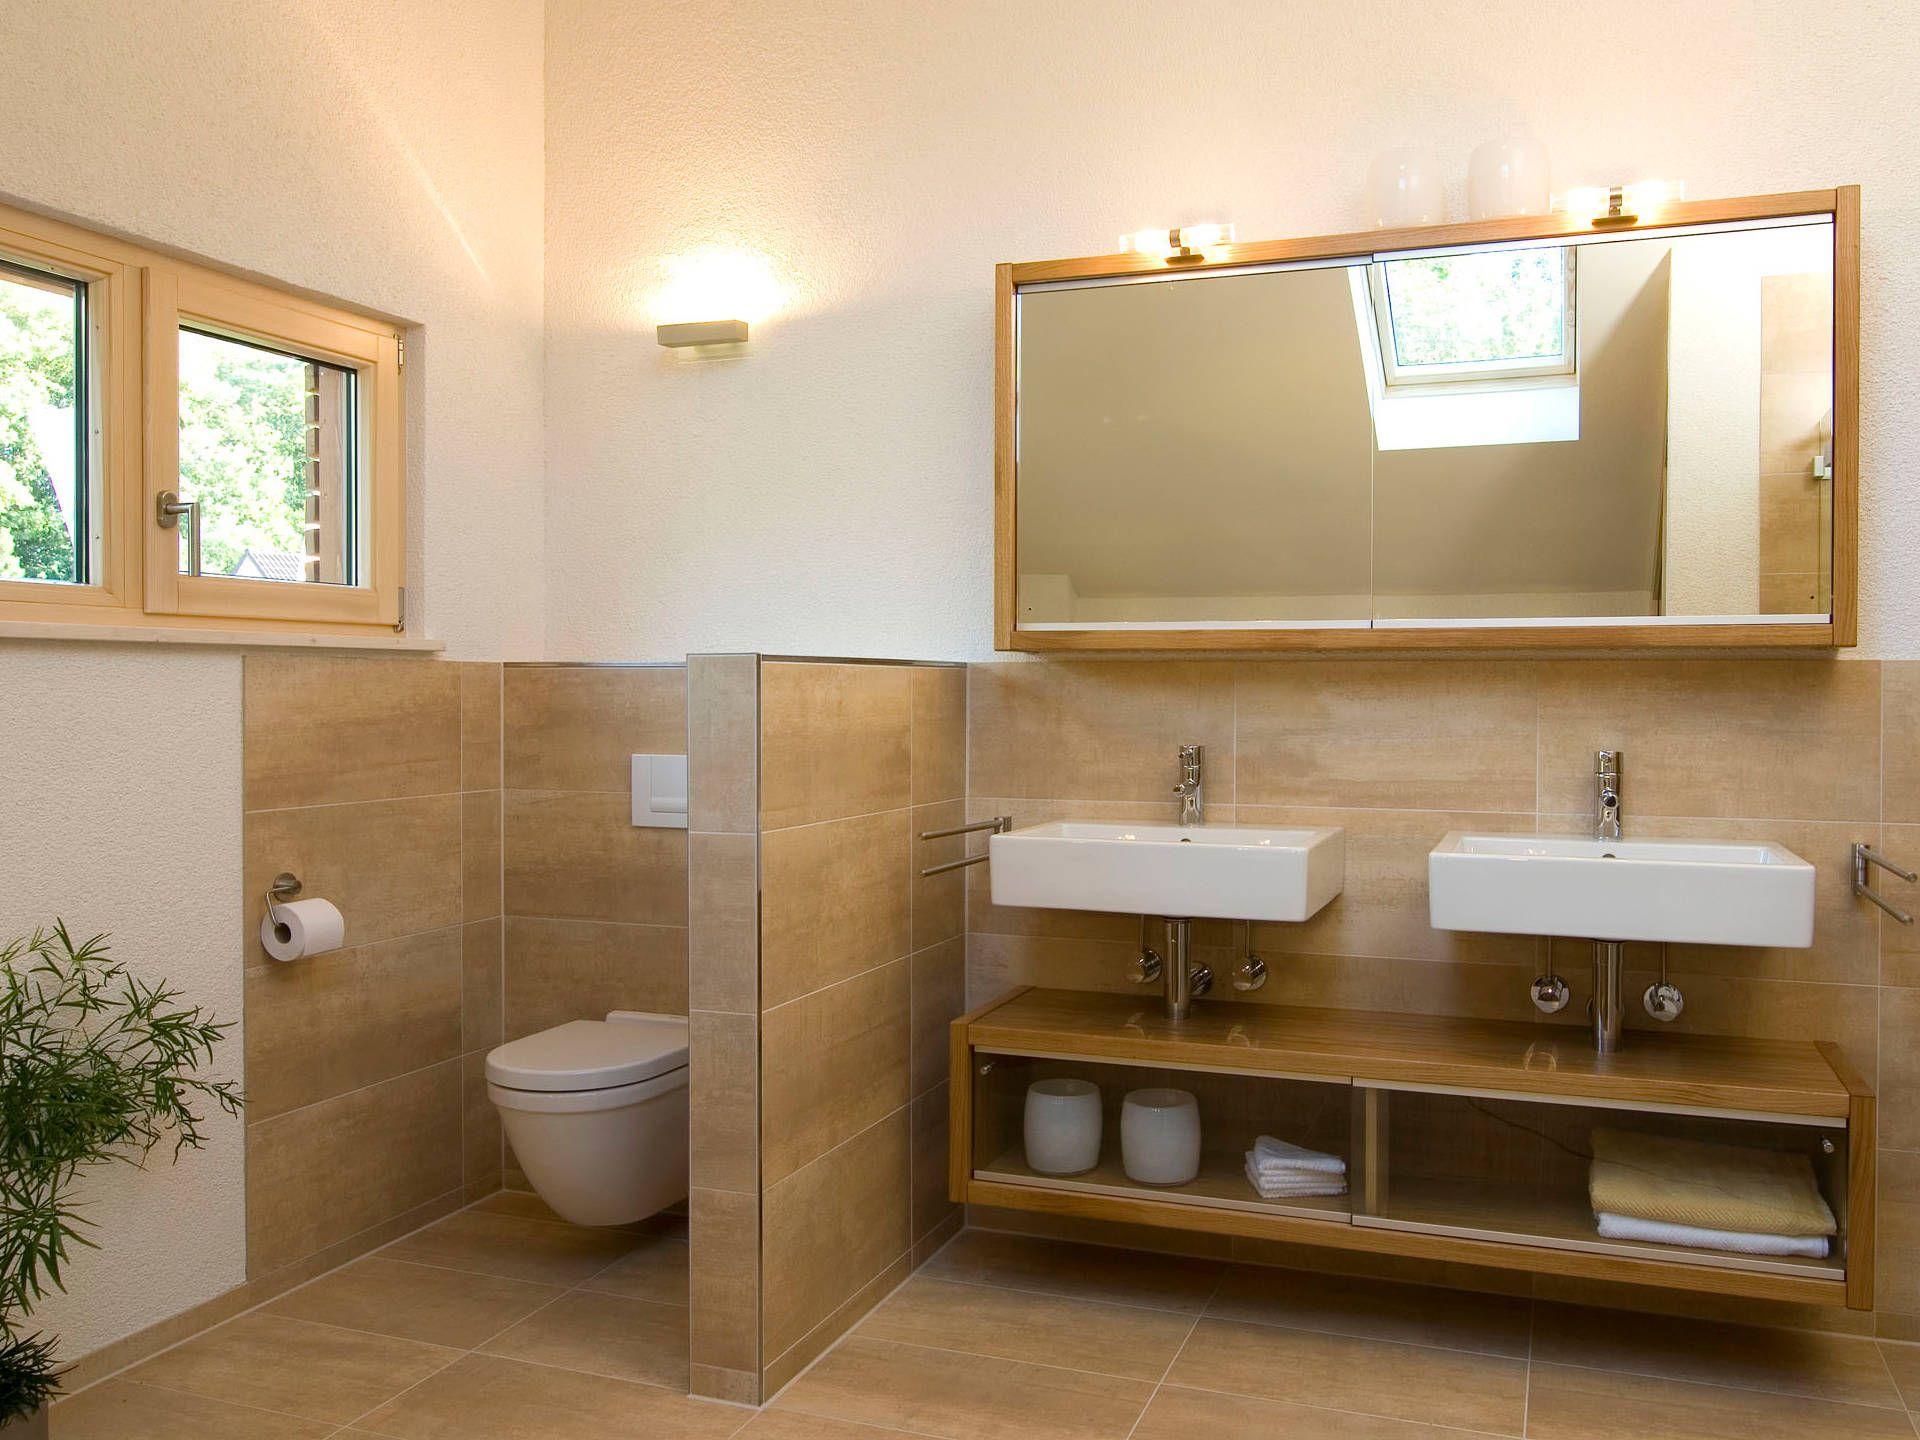 Frammelsberger Musterhaus Bad Vilbel   Gemütliches badezimmer, Bad einrichten, Musterhaus